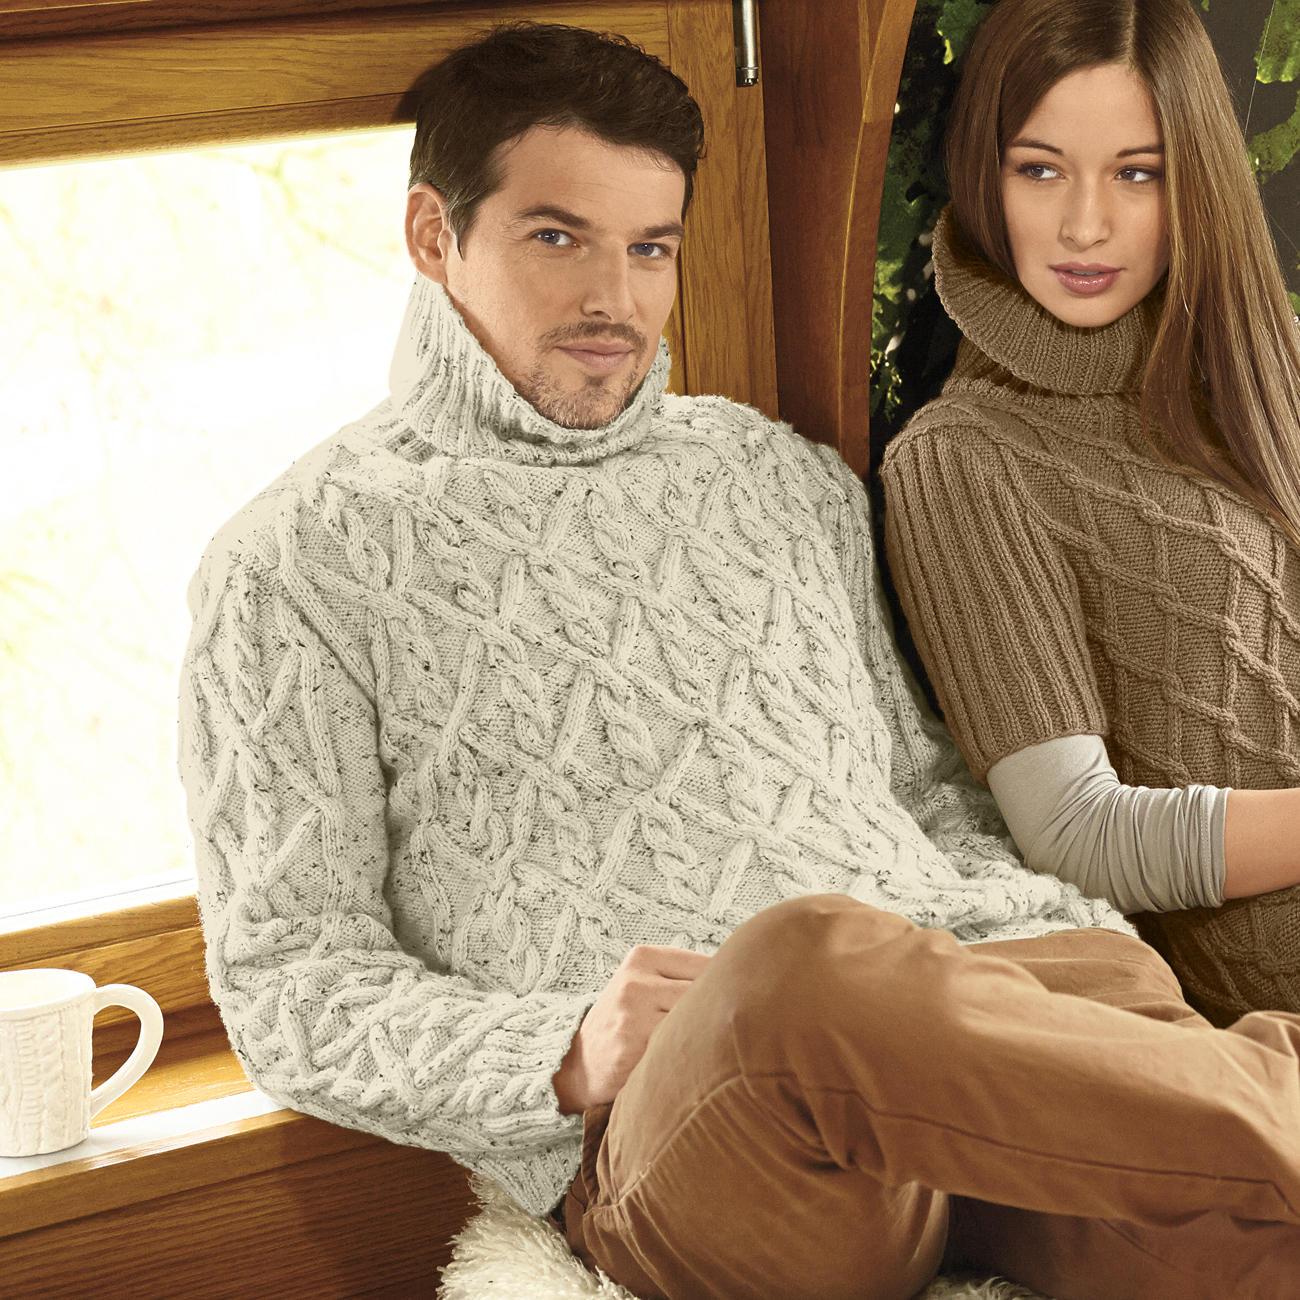 Anleitung 366 3 Pullover Aus Bravo Von Schachenmayr 1 Versch Farben Sweater Typisch Original